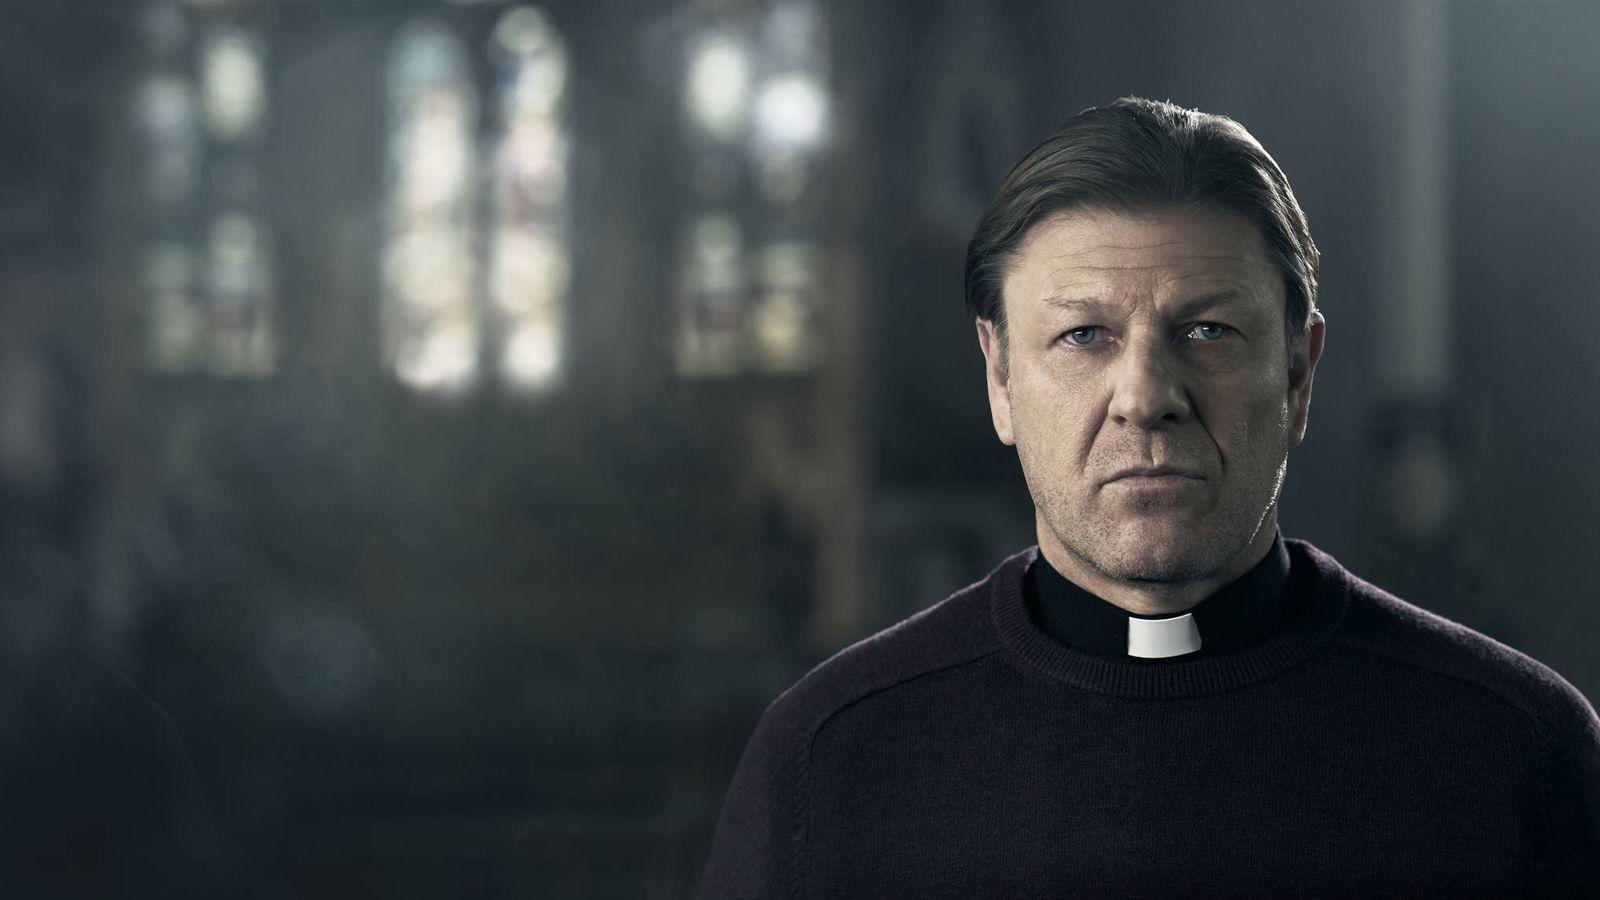 Foto: Imagen de Sean Bean, que en 'Broken' interpreta al padre Michael Kerrigan.